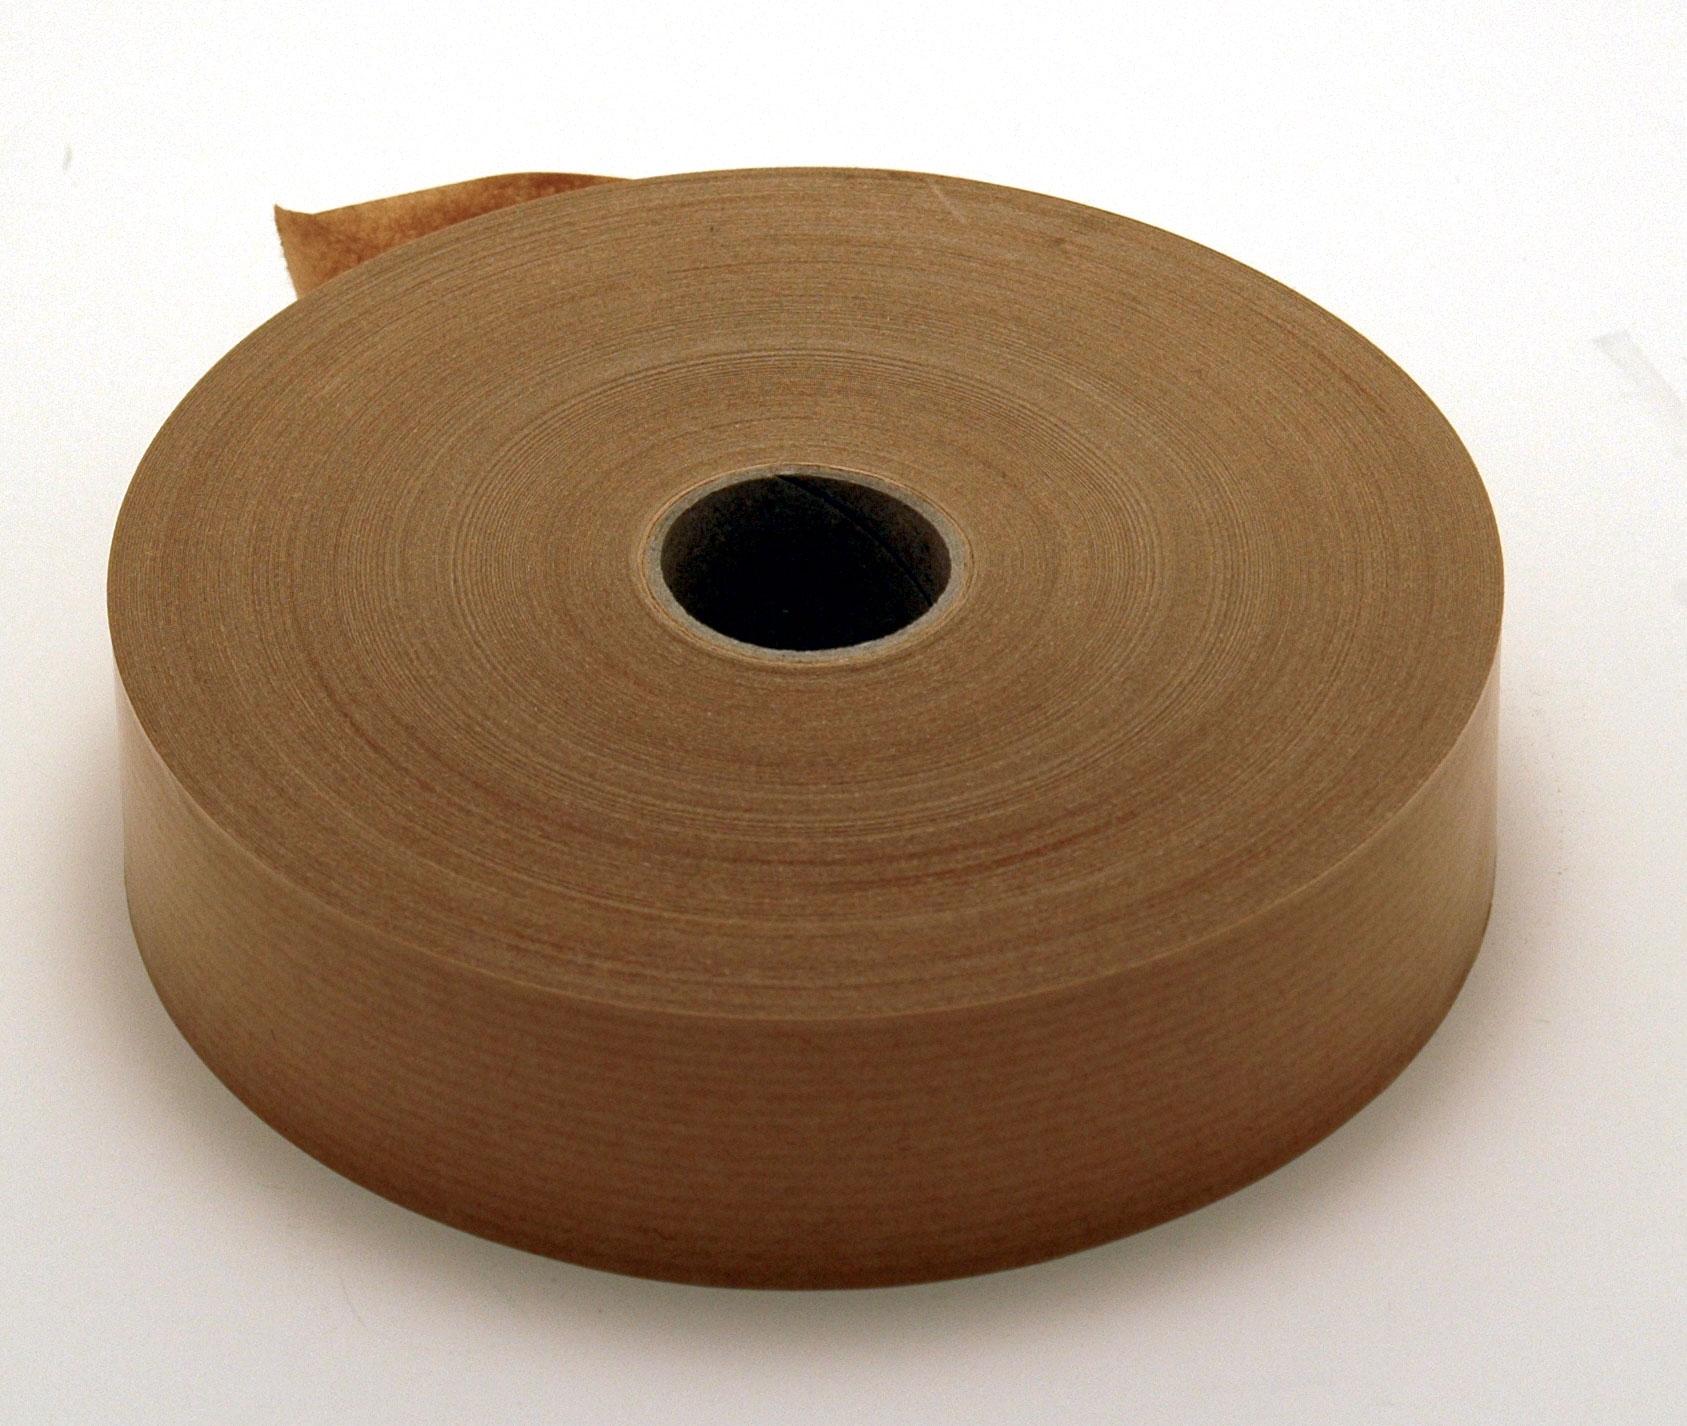 papier kraft enduit d'un adhésif caoutchouc. se déroule facilement. pouvoir autocollant très élevé. s'applique à sec. rouleau de 50 mètres largeur 3.8cm